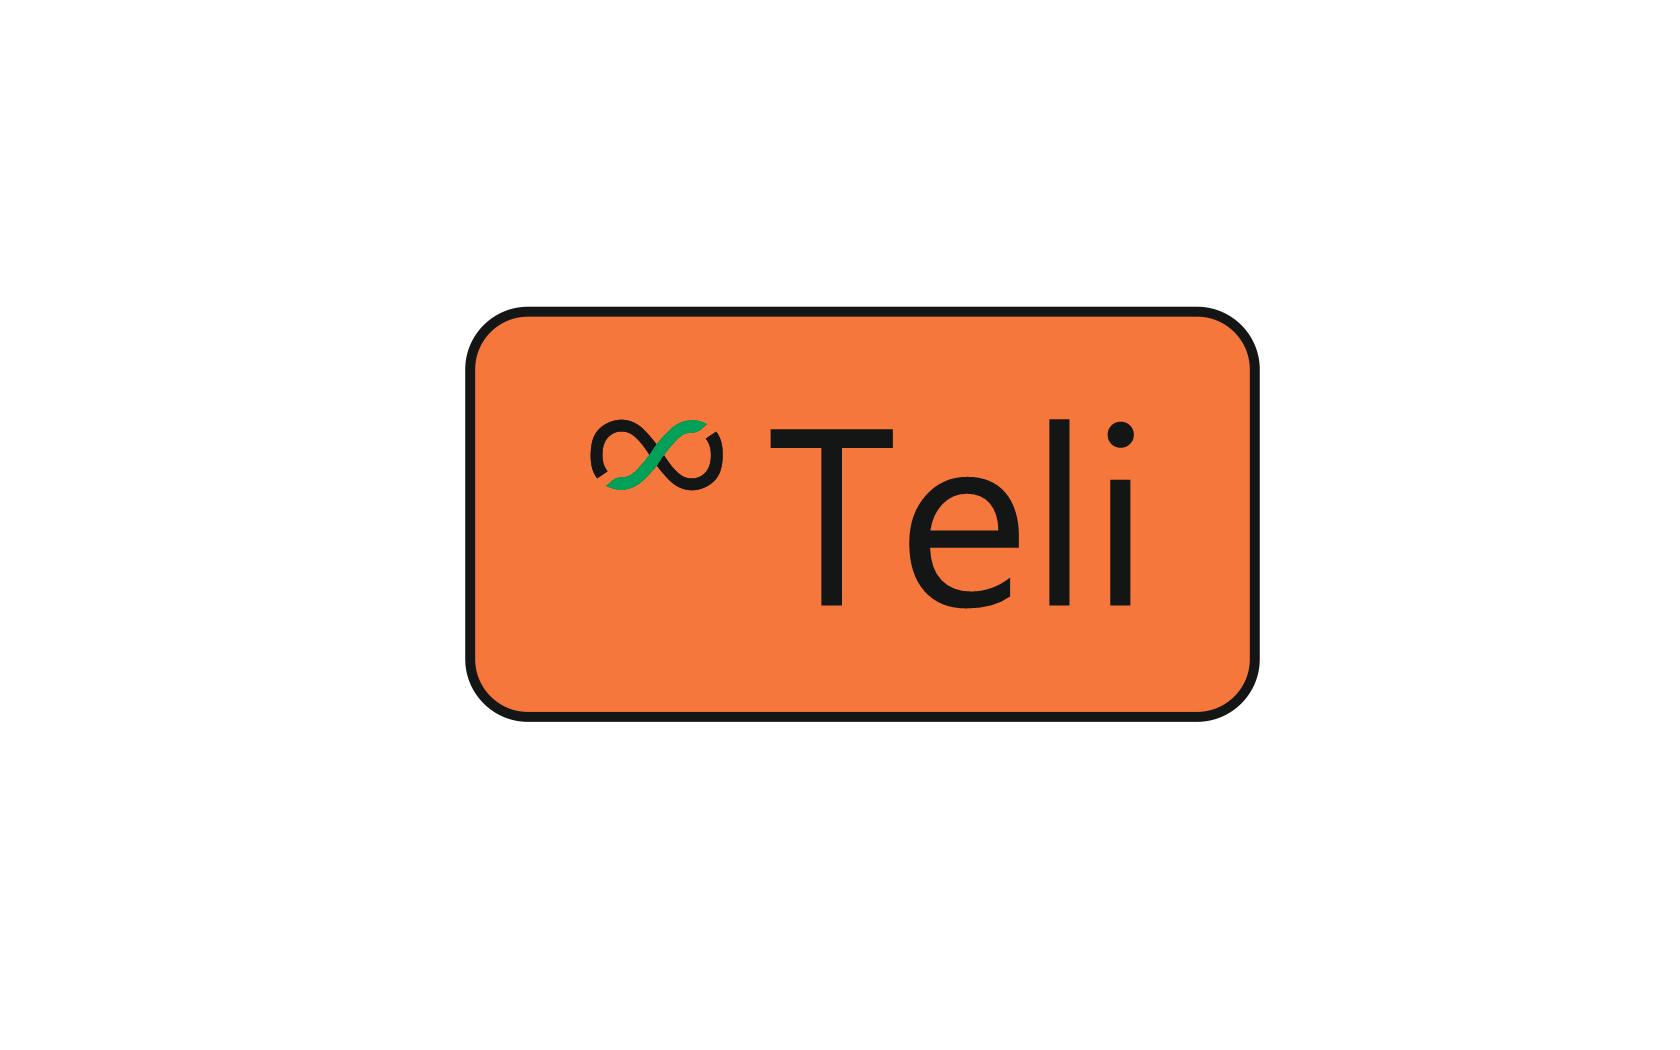 Разработка логотипа и фирменного стиля фото f_36359082d2752a9b.png